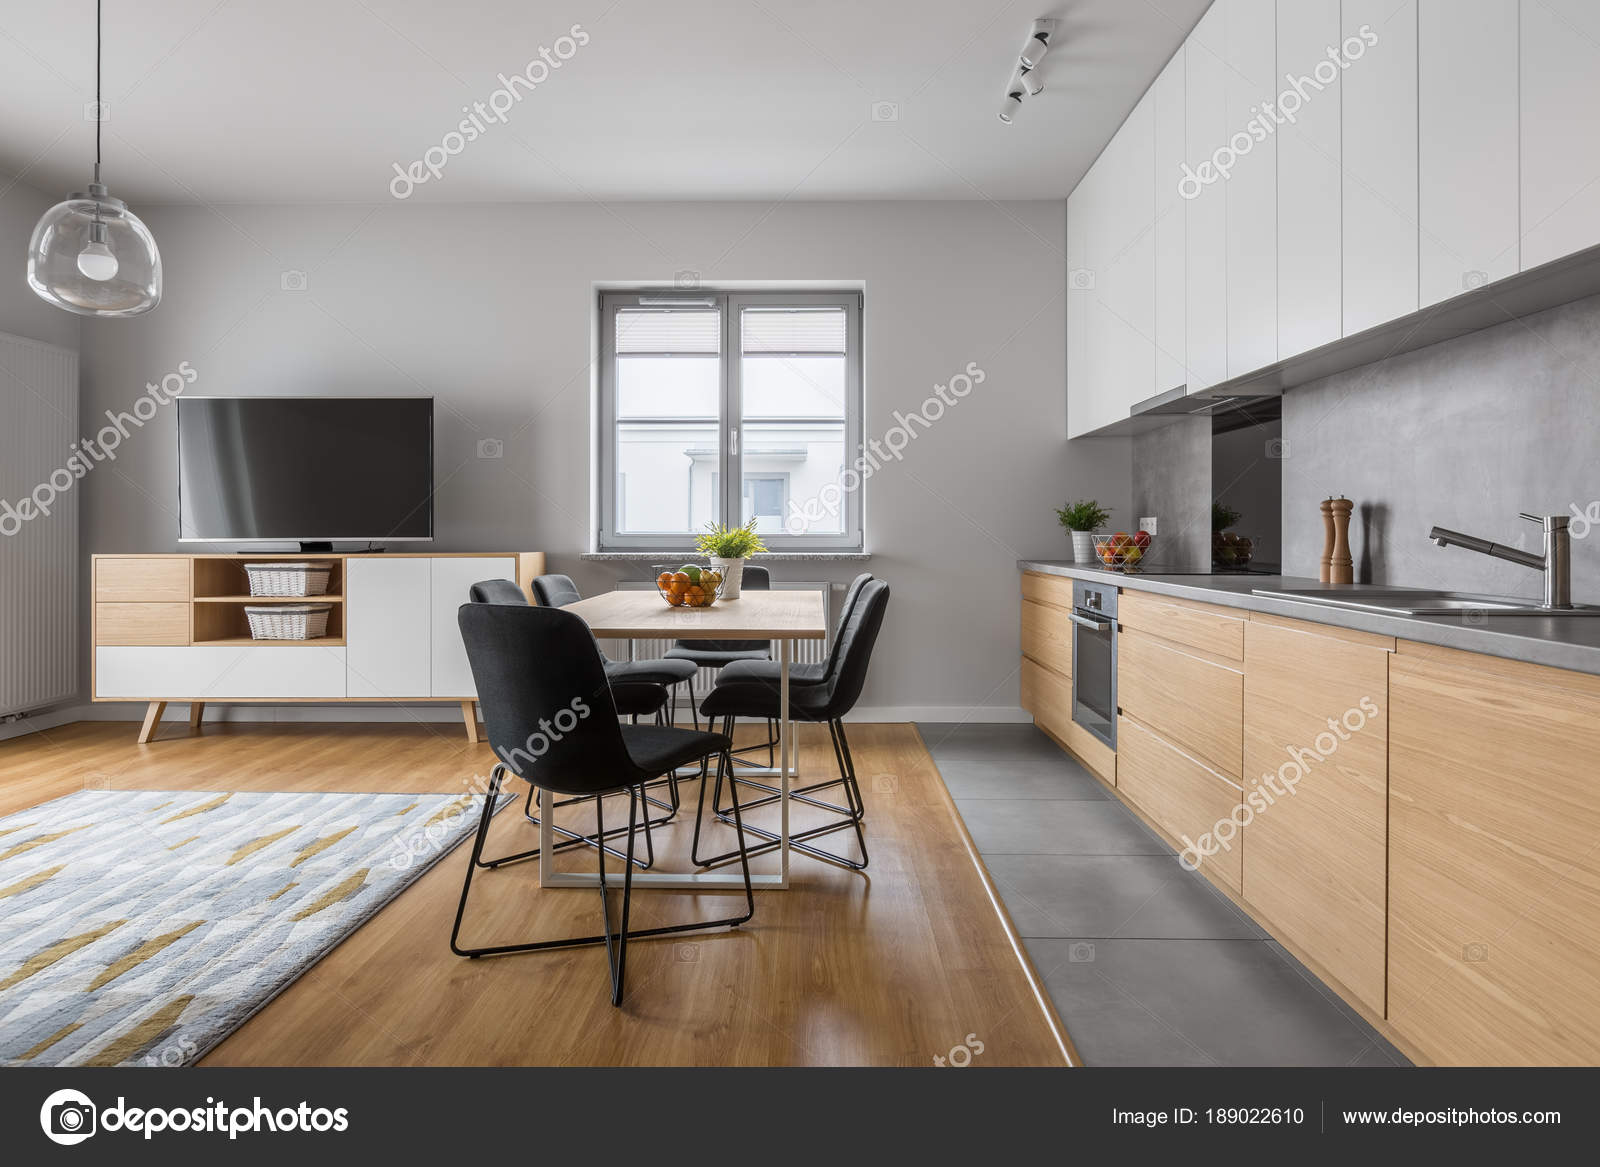 Moderne Holz-Küche mit Tisch — Stockfoto © in4mal #189022610